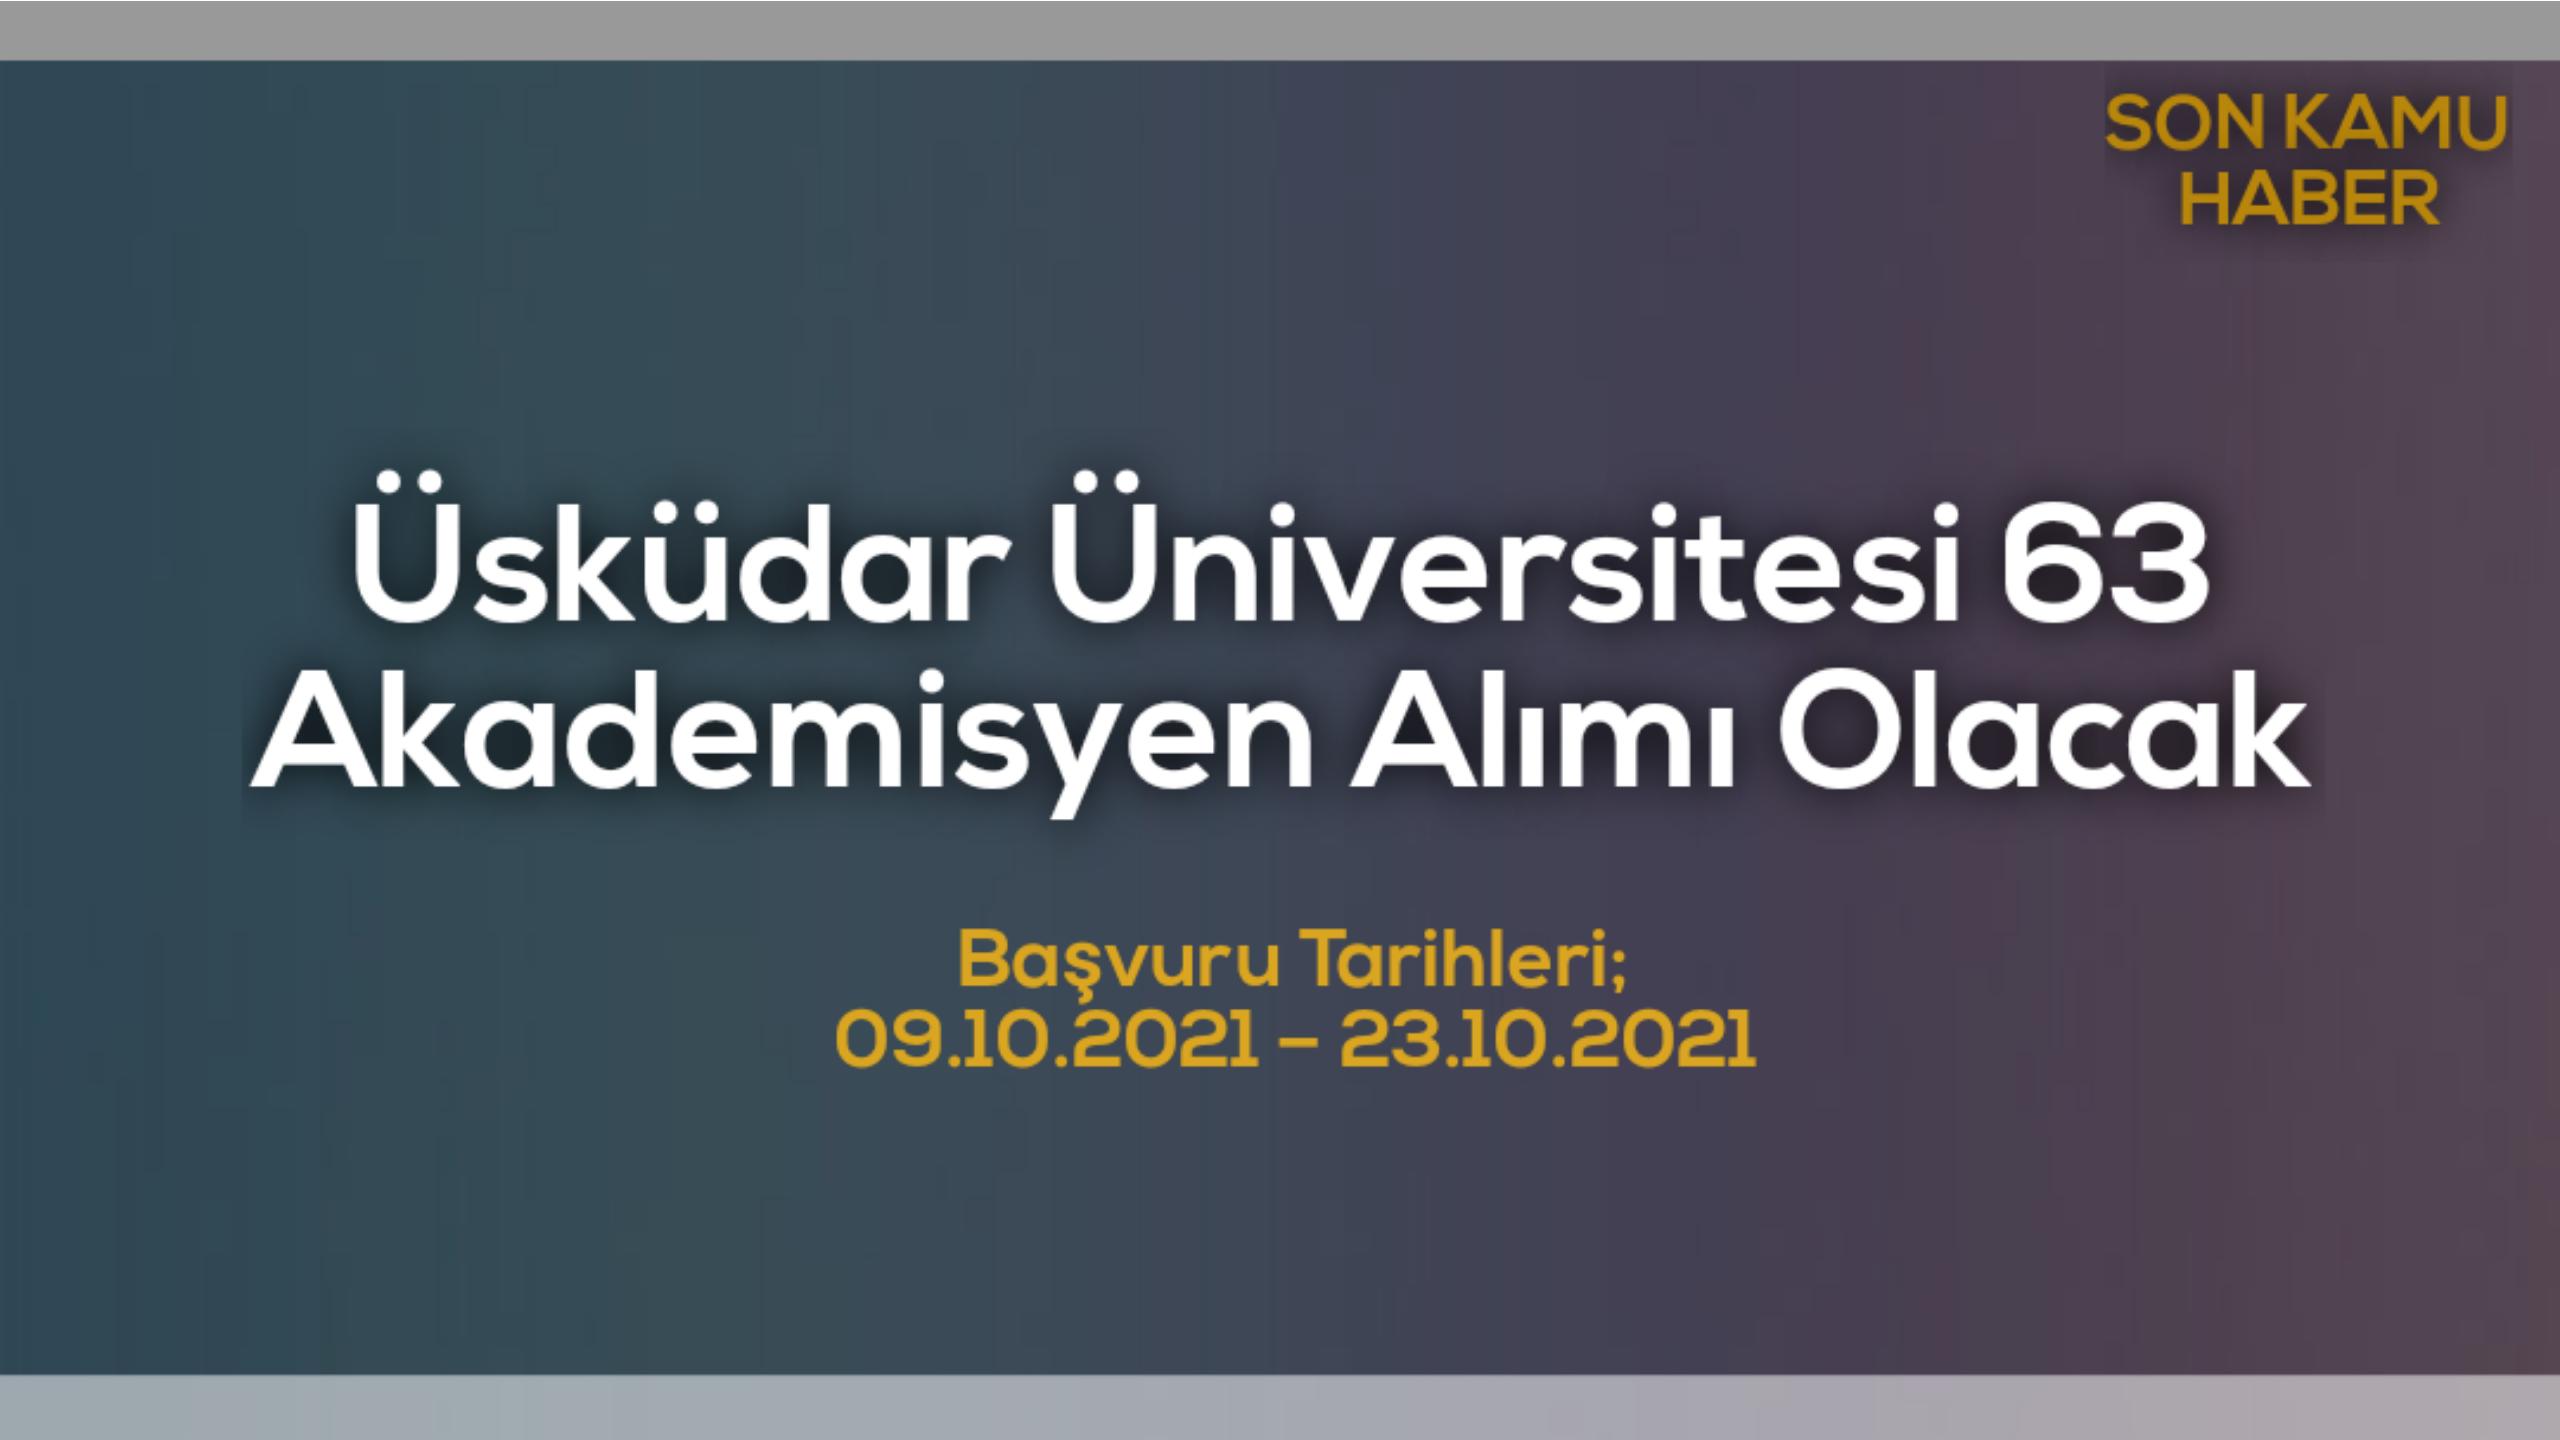 Üsküdar Üniversitesi 63 Akademisyen Alımı Olacak